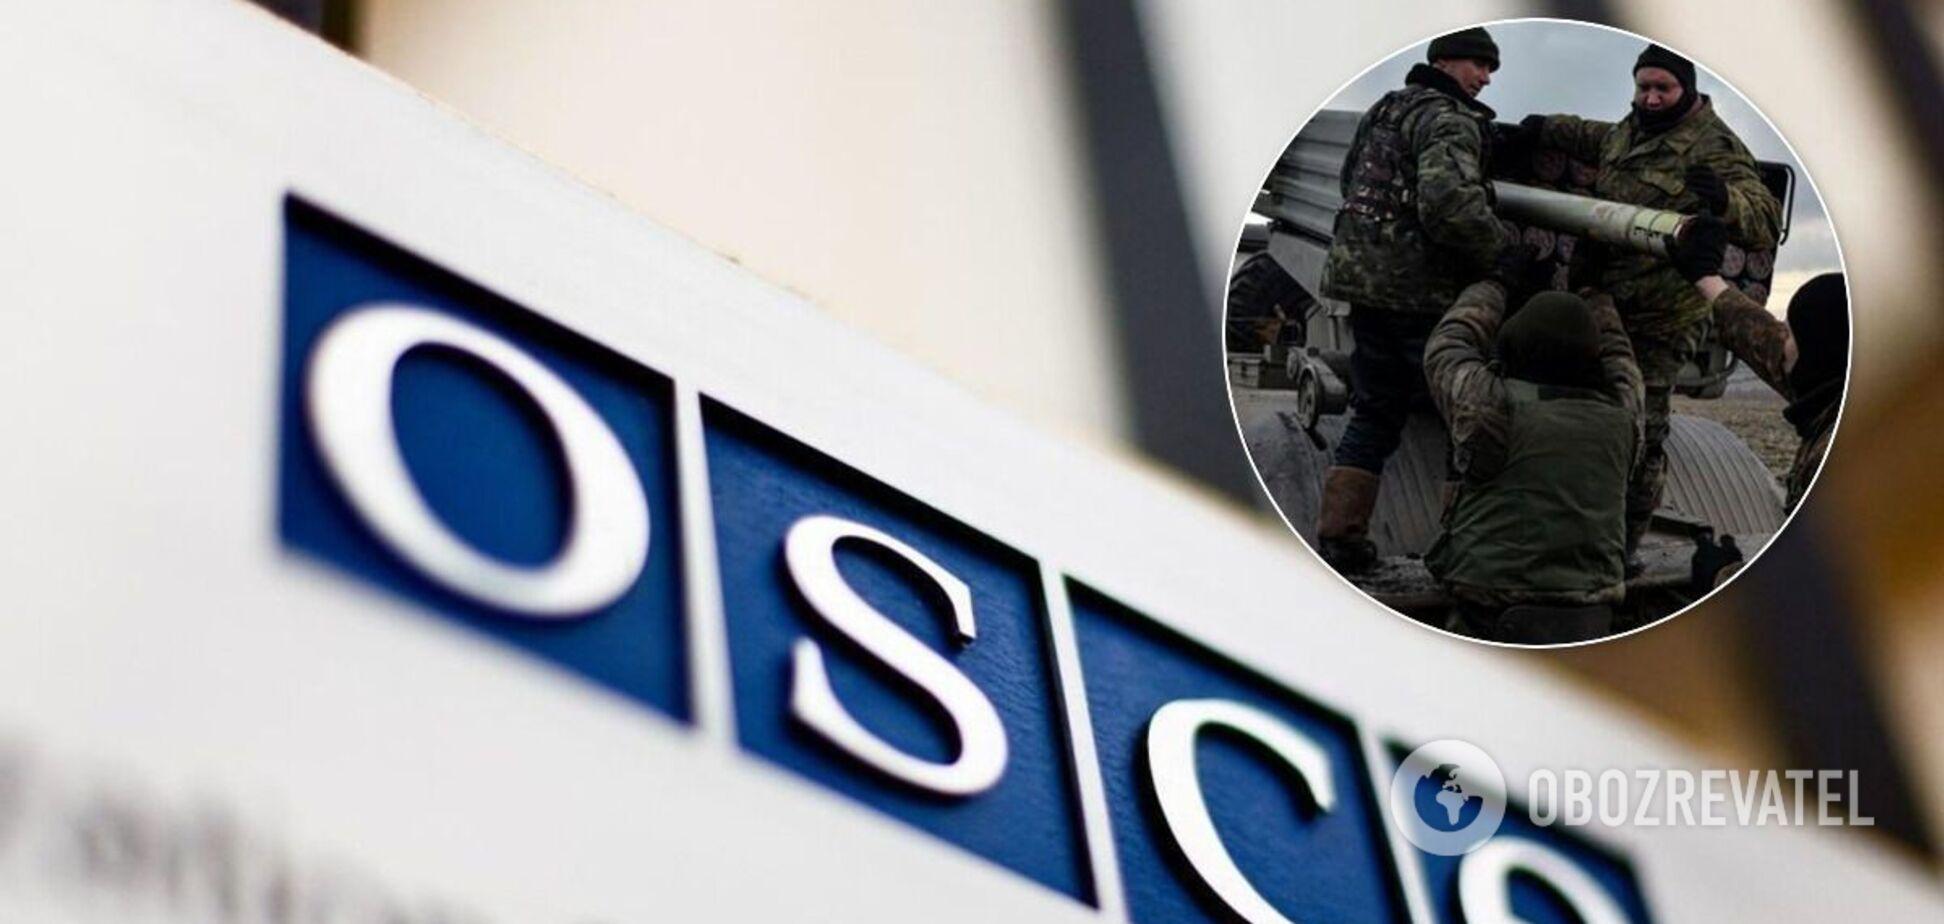 ОБСЕ засекла на Донбассе гаубицы и 'Грады' террористов